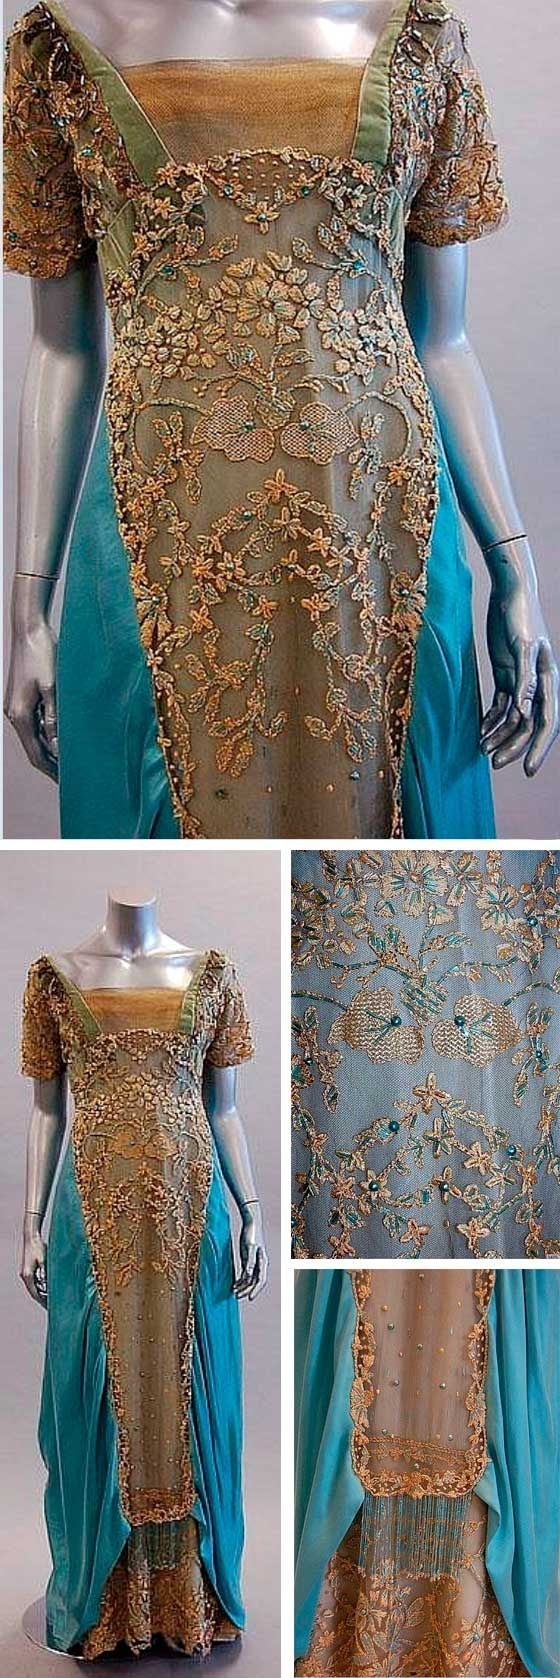 bộ váy được thiết kế bởi ntk Callot Souers vào năm 1900,bộ váy được thiết kế rất cầu kì nhất là ở phần cổ (loại ảnh: product)